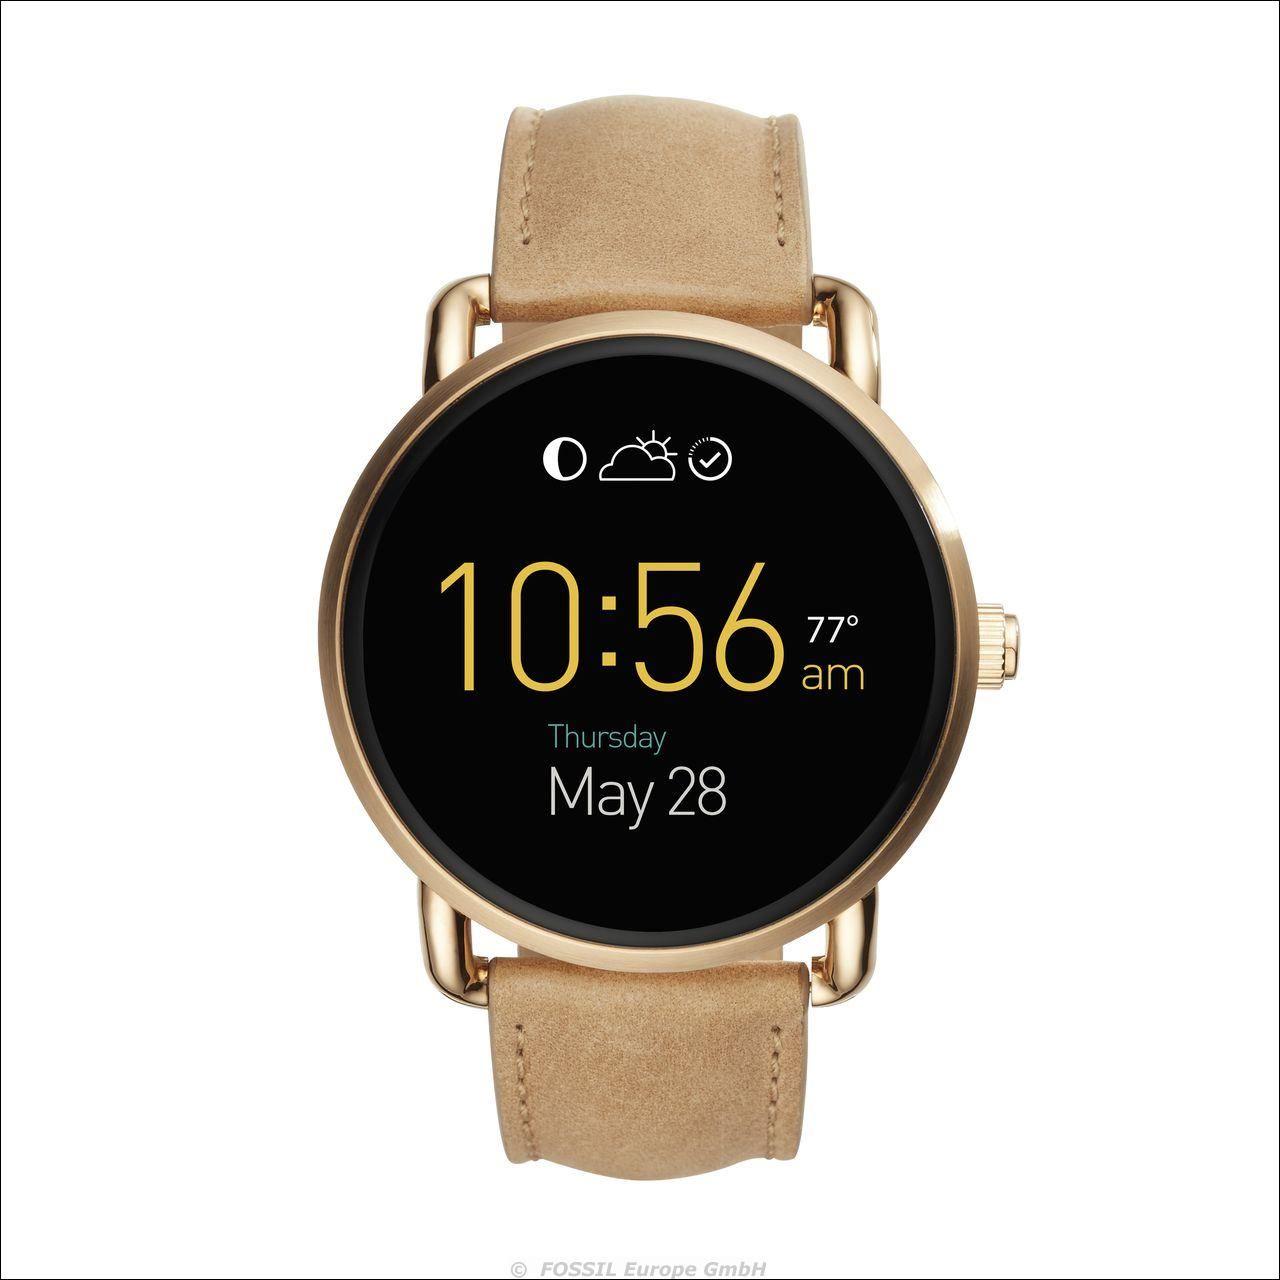 Fossil kündigt die Vorstellung der zweiten Generation neuer, schlankerer Android-Wear™-Smartwatches, Aktivitätstracker und smarter Analoguhren an